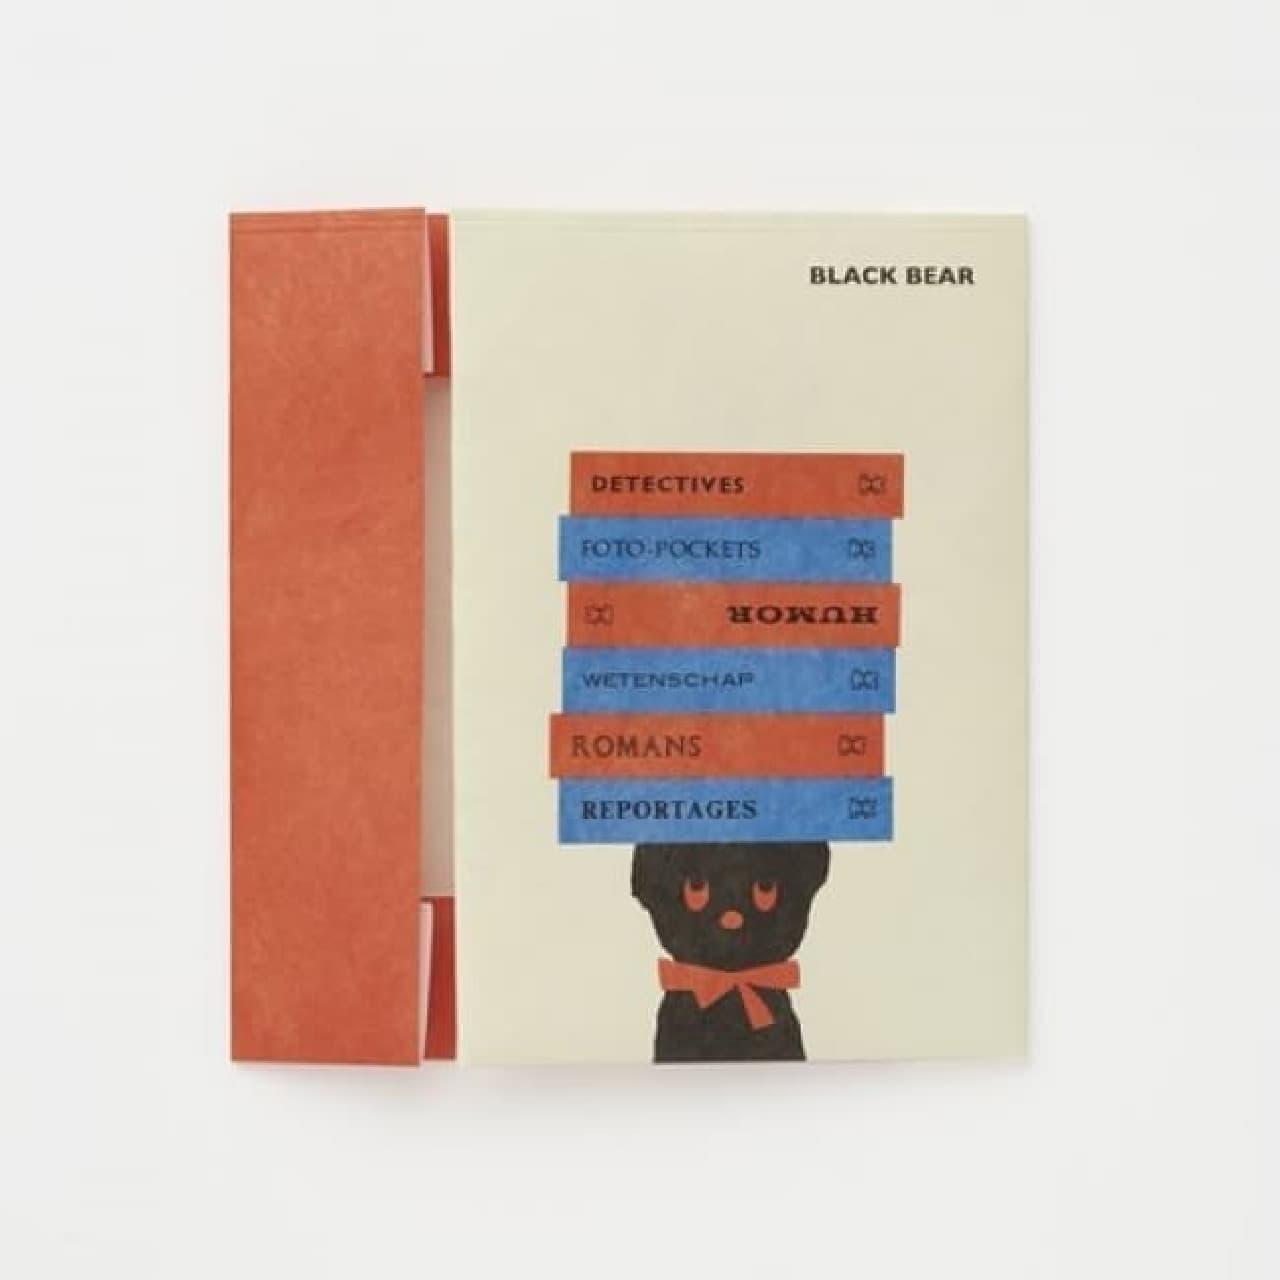 「ブラック・ベア」のオリジナル文具がTSUTAYAに--可愛い耳ノックボールペンやリングノートなど